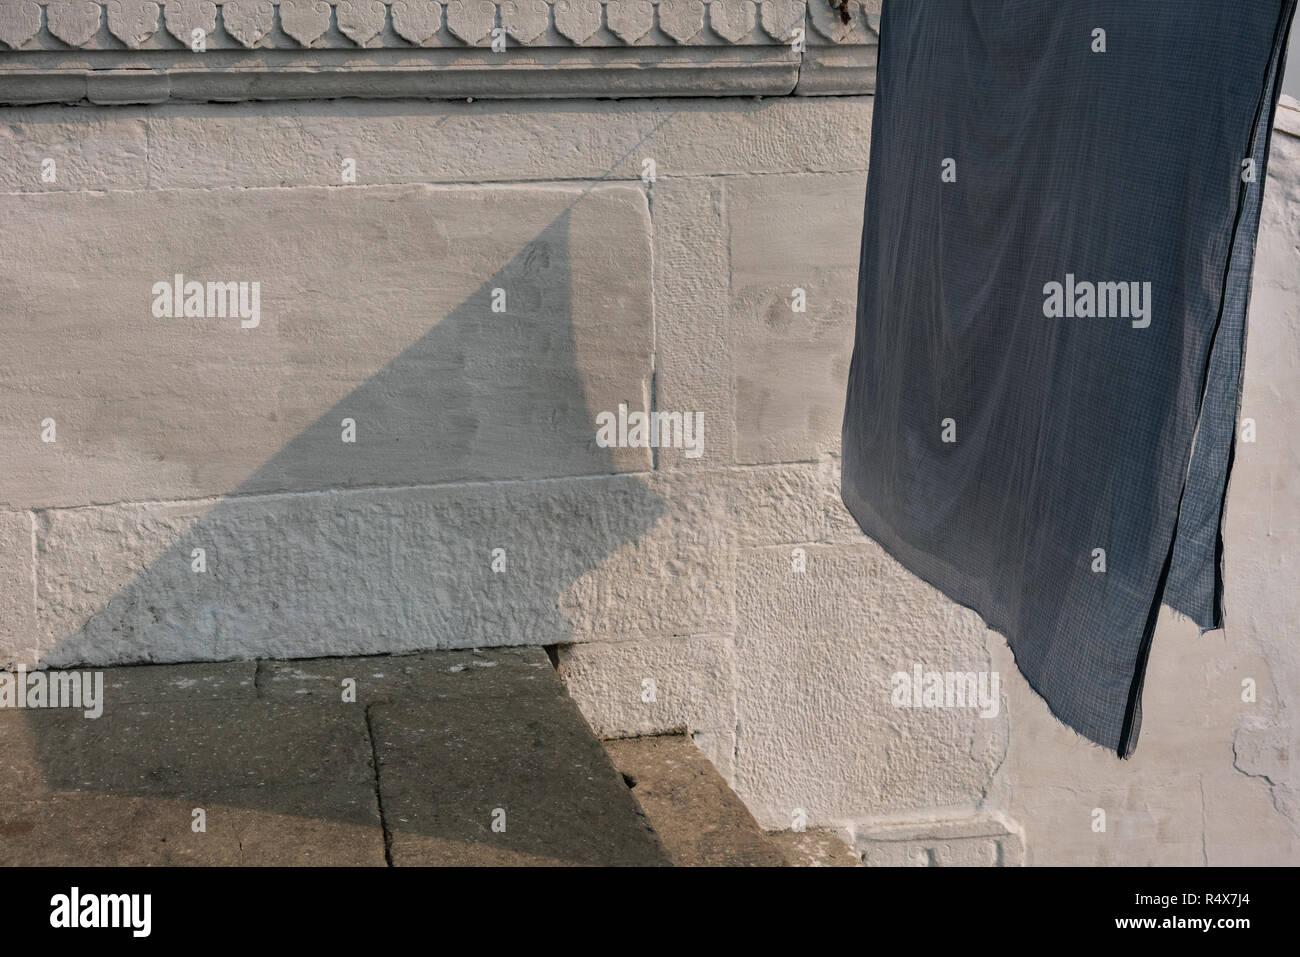 Immagini di arte trovati nelle attività quotidiane della vita mentre si cammina per il quartiere corsie di Varanasi (India). Immagini Stock